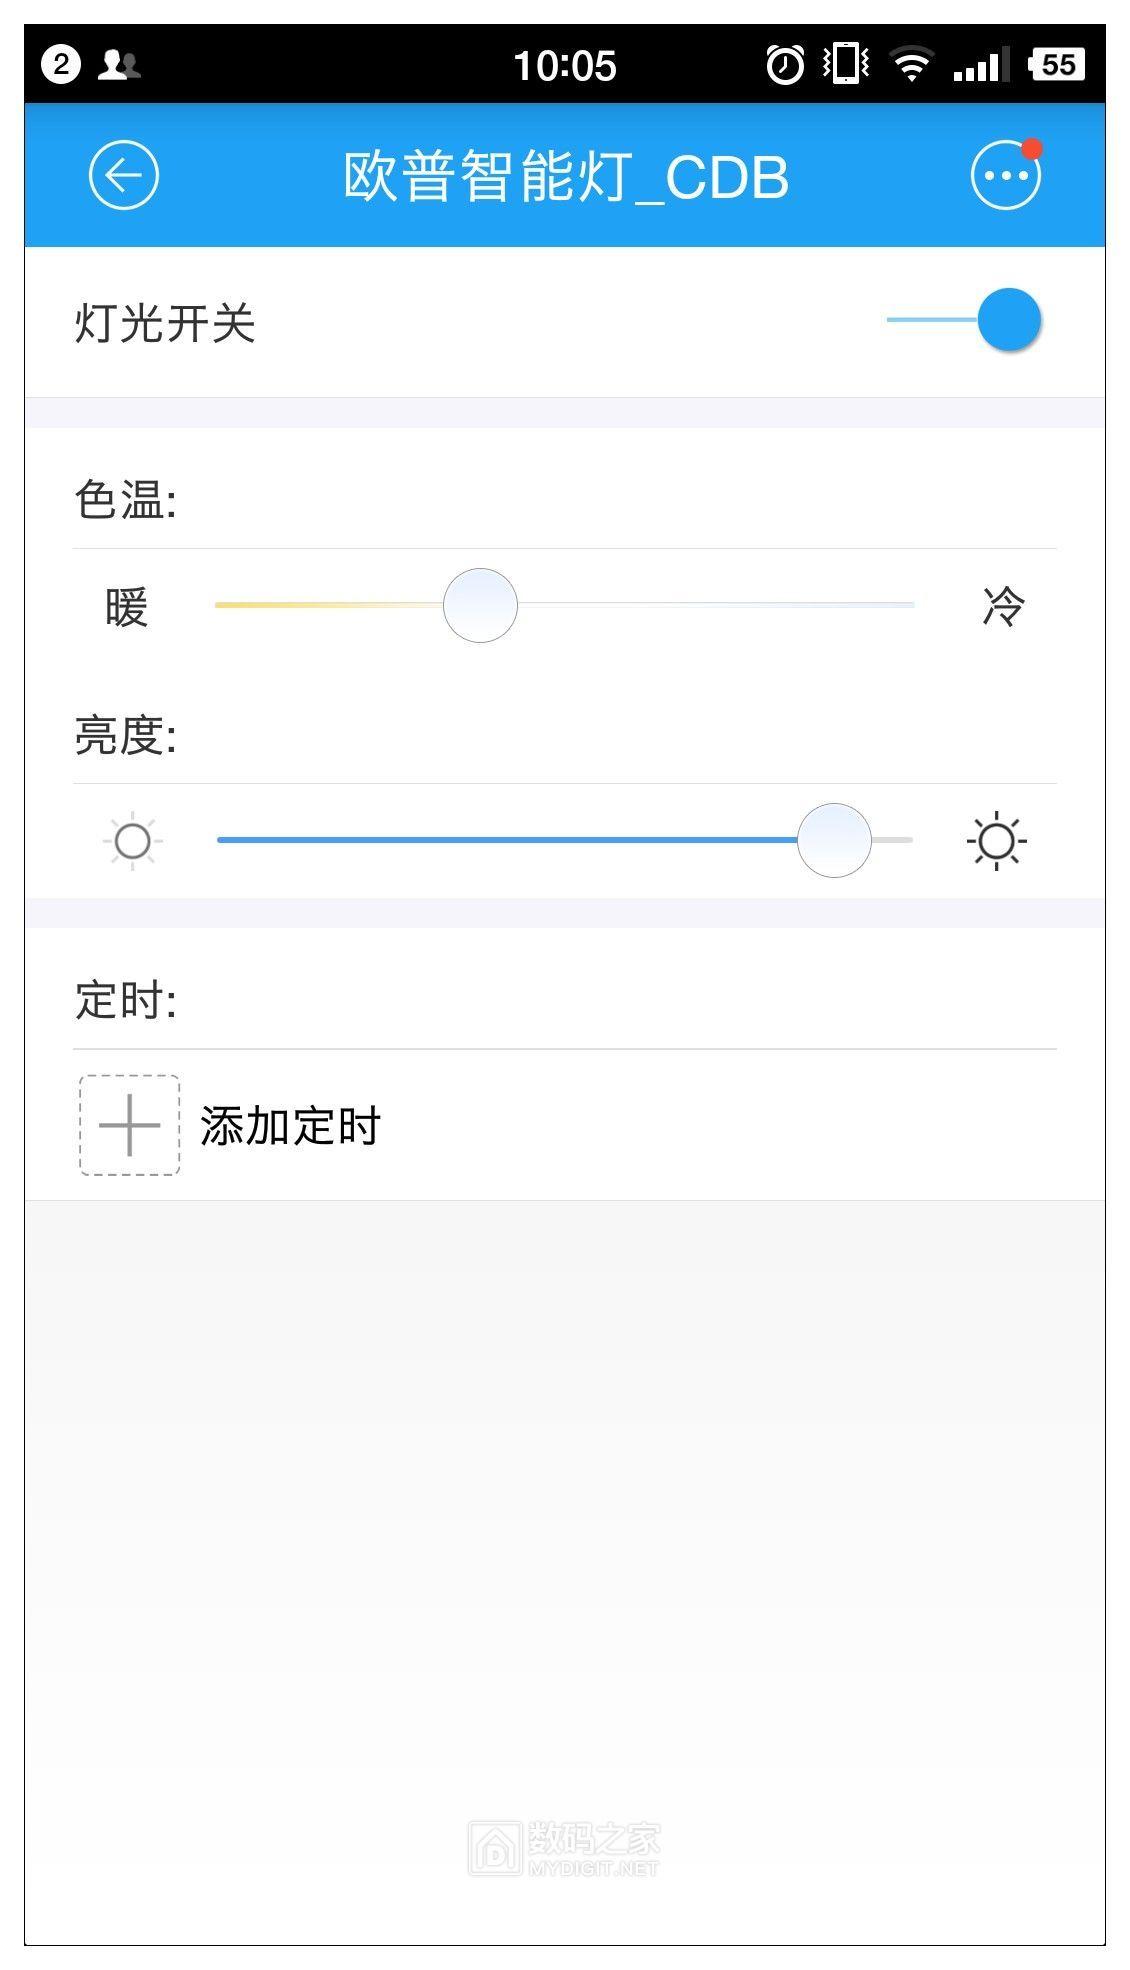 screenshot_2019-08-09-10-05-19-611_欧普智能家庭.jpg